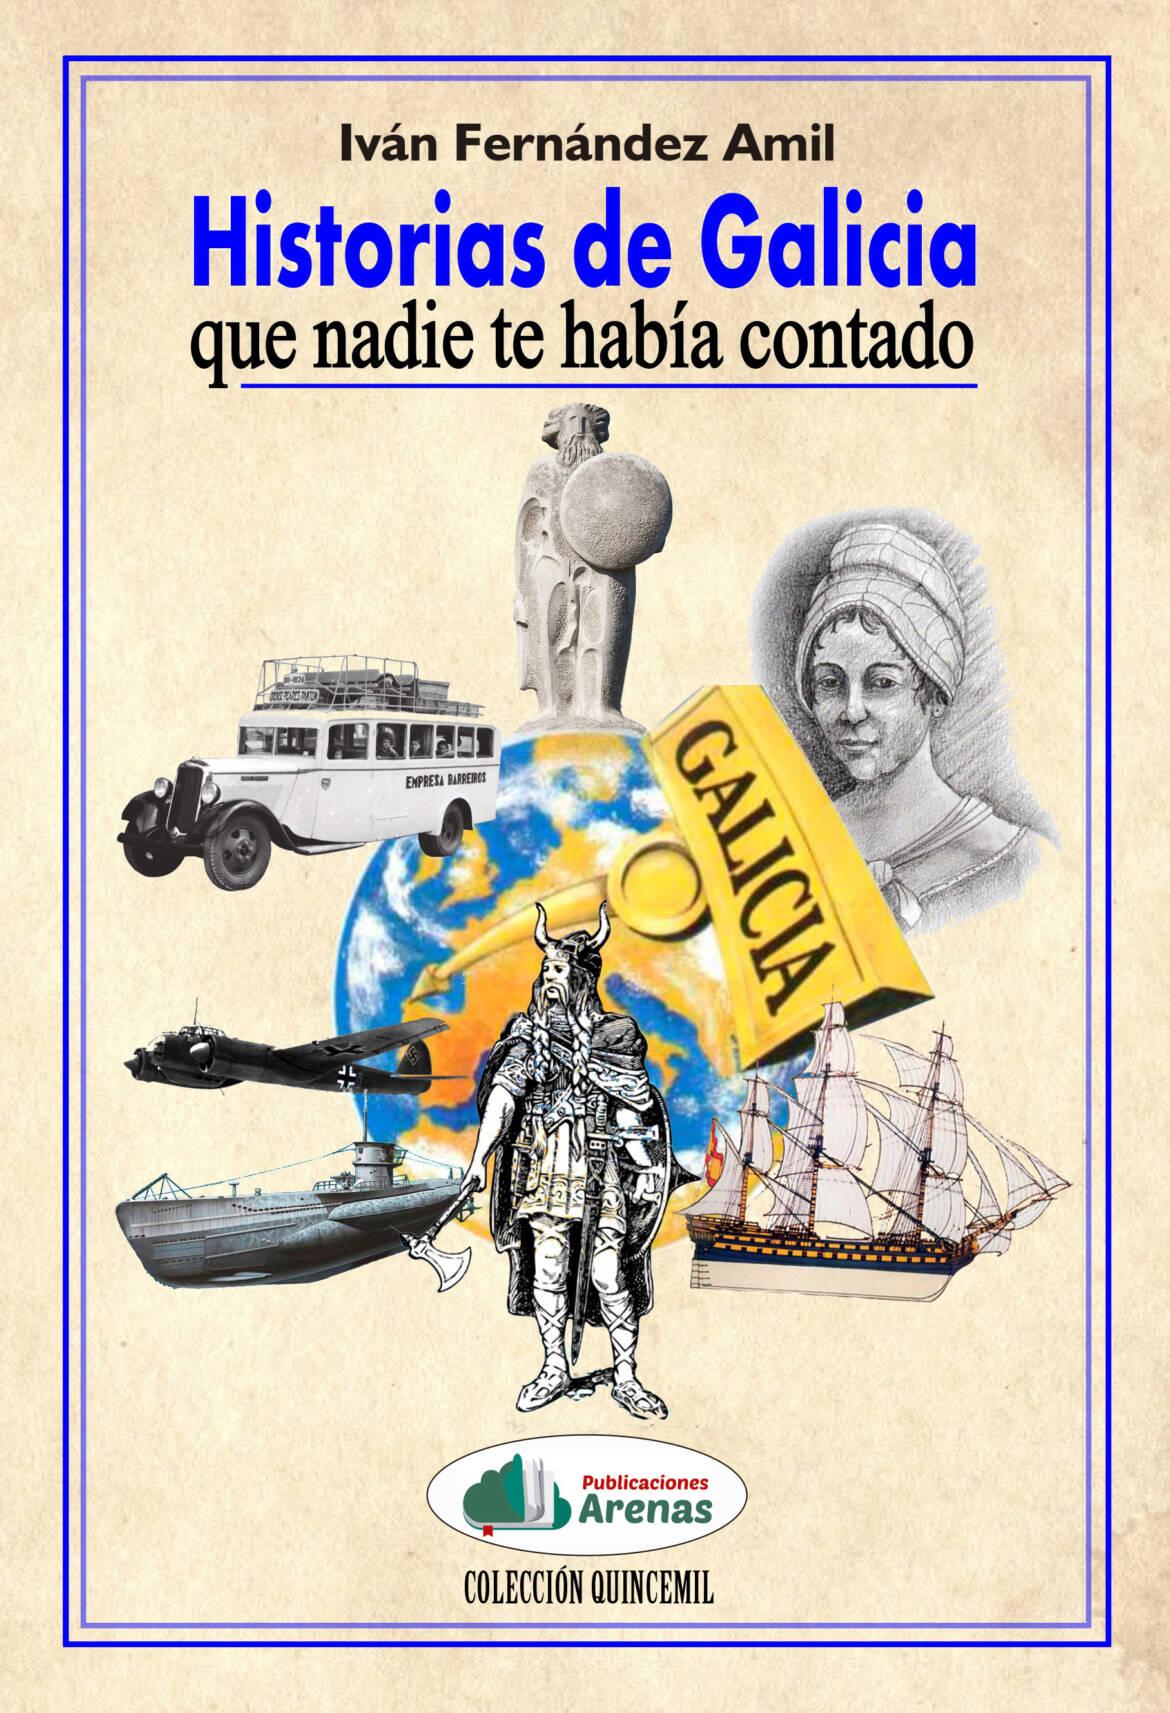 Portada-Historias-de-Galicia.jpg